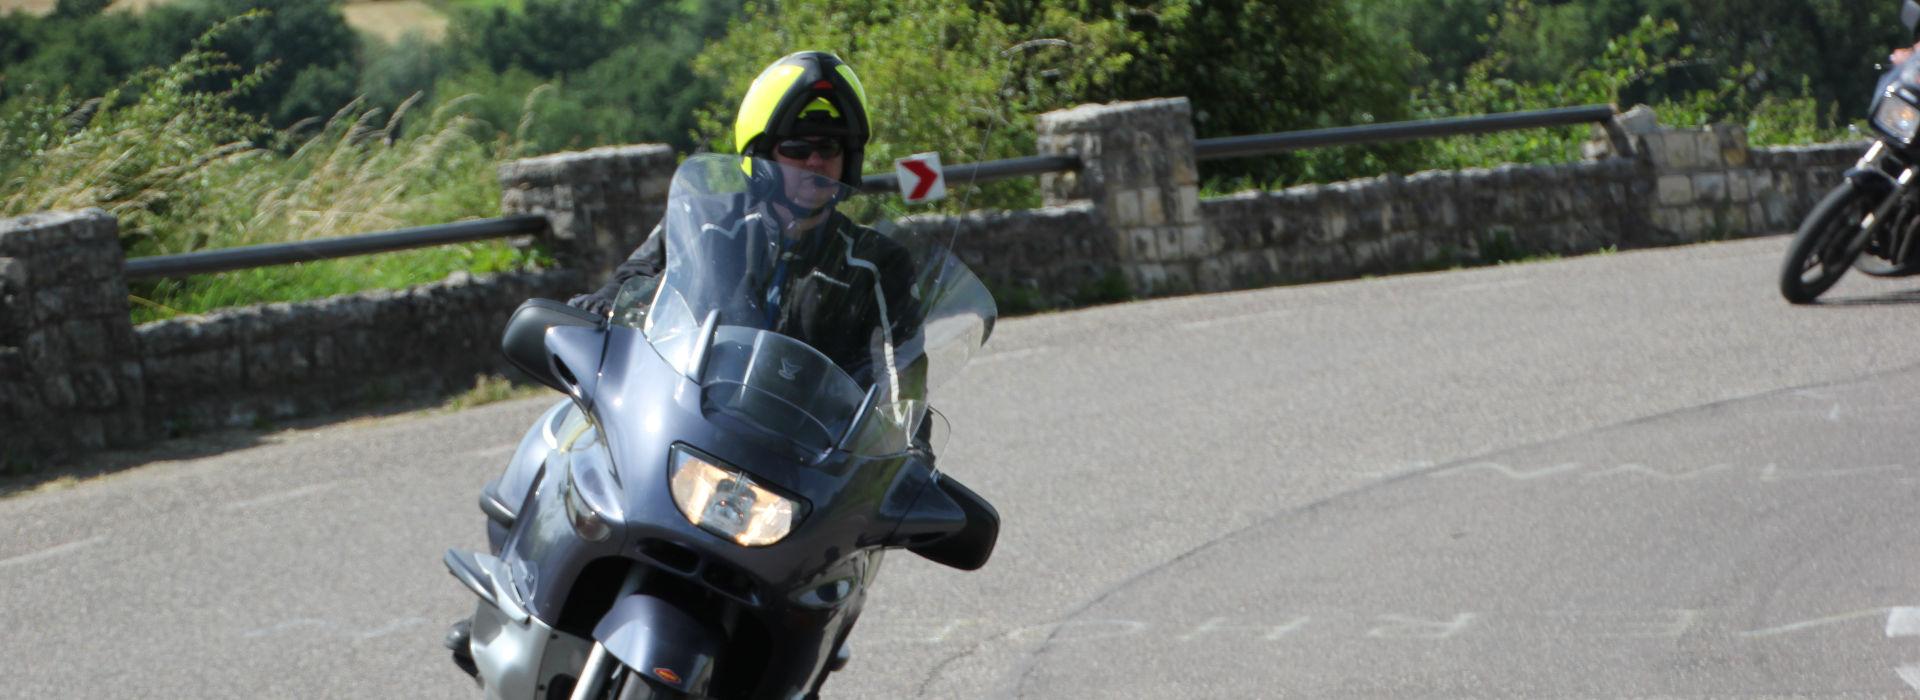 Motorrijbewijspoint Hardinxveld motorrijlessen